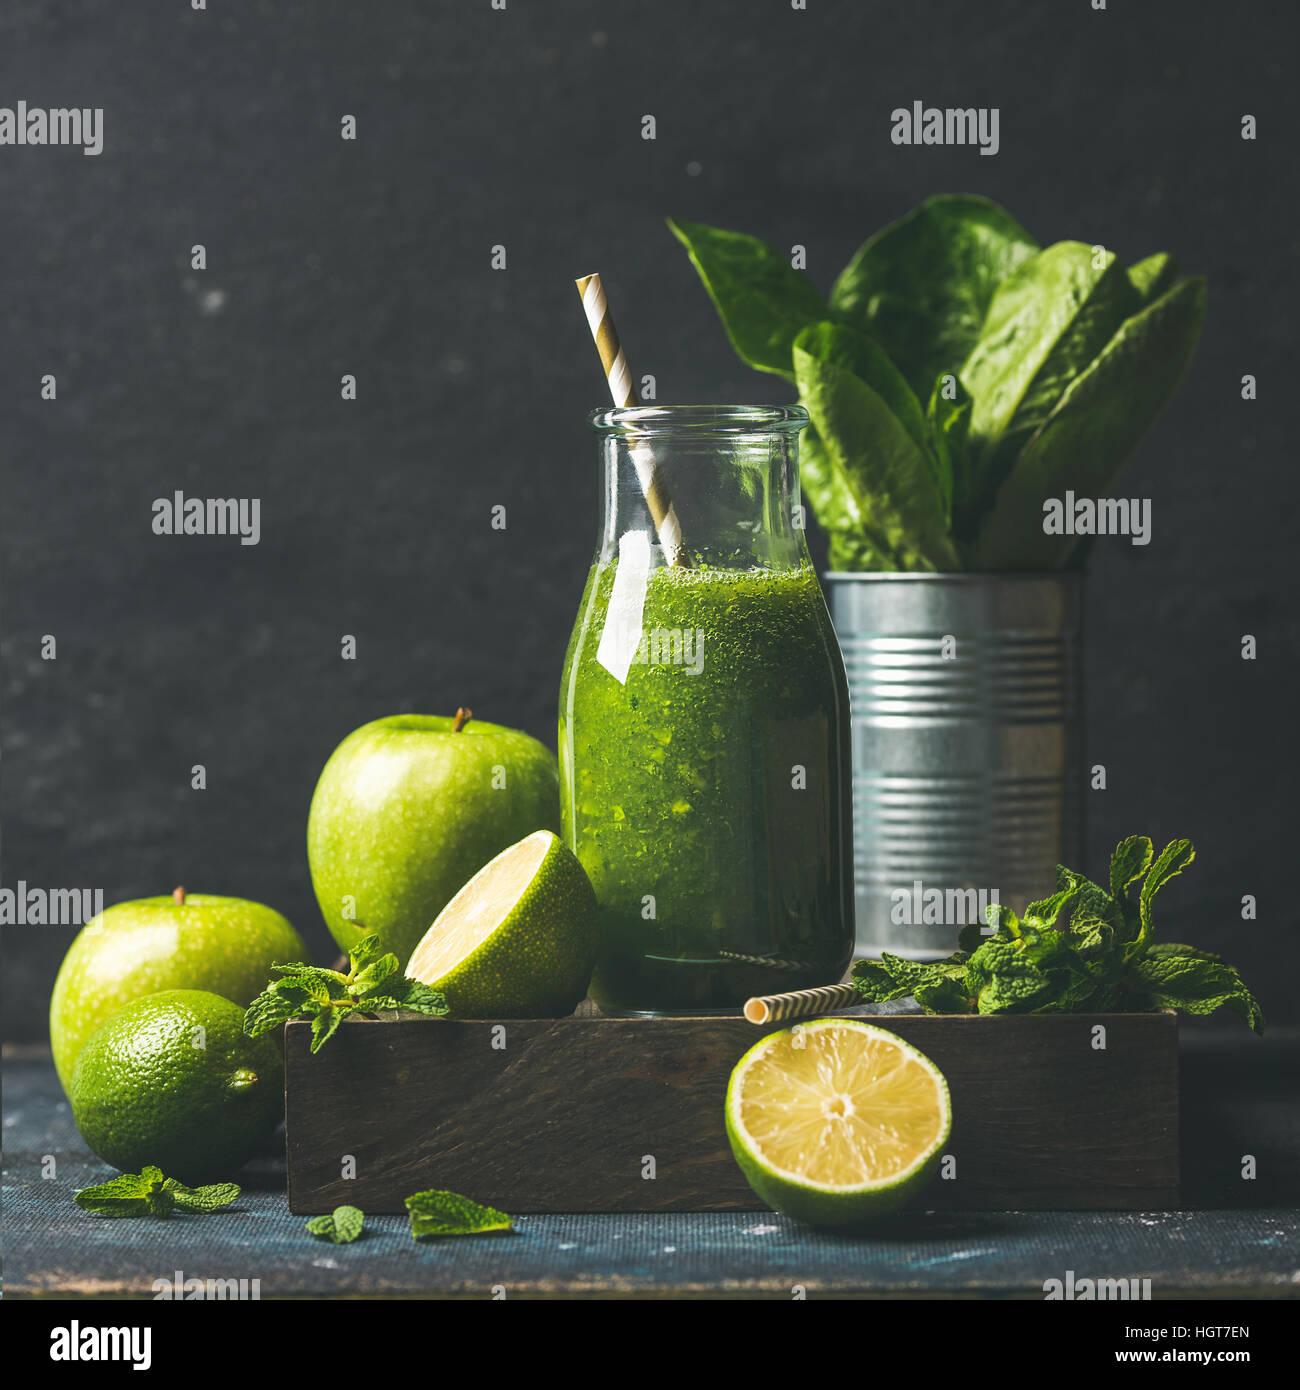 Smoothie vert avec Apple, la laitue romaine, lime, menthe. Fond sombre Photo Stock